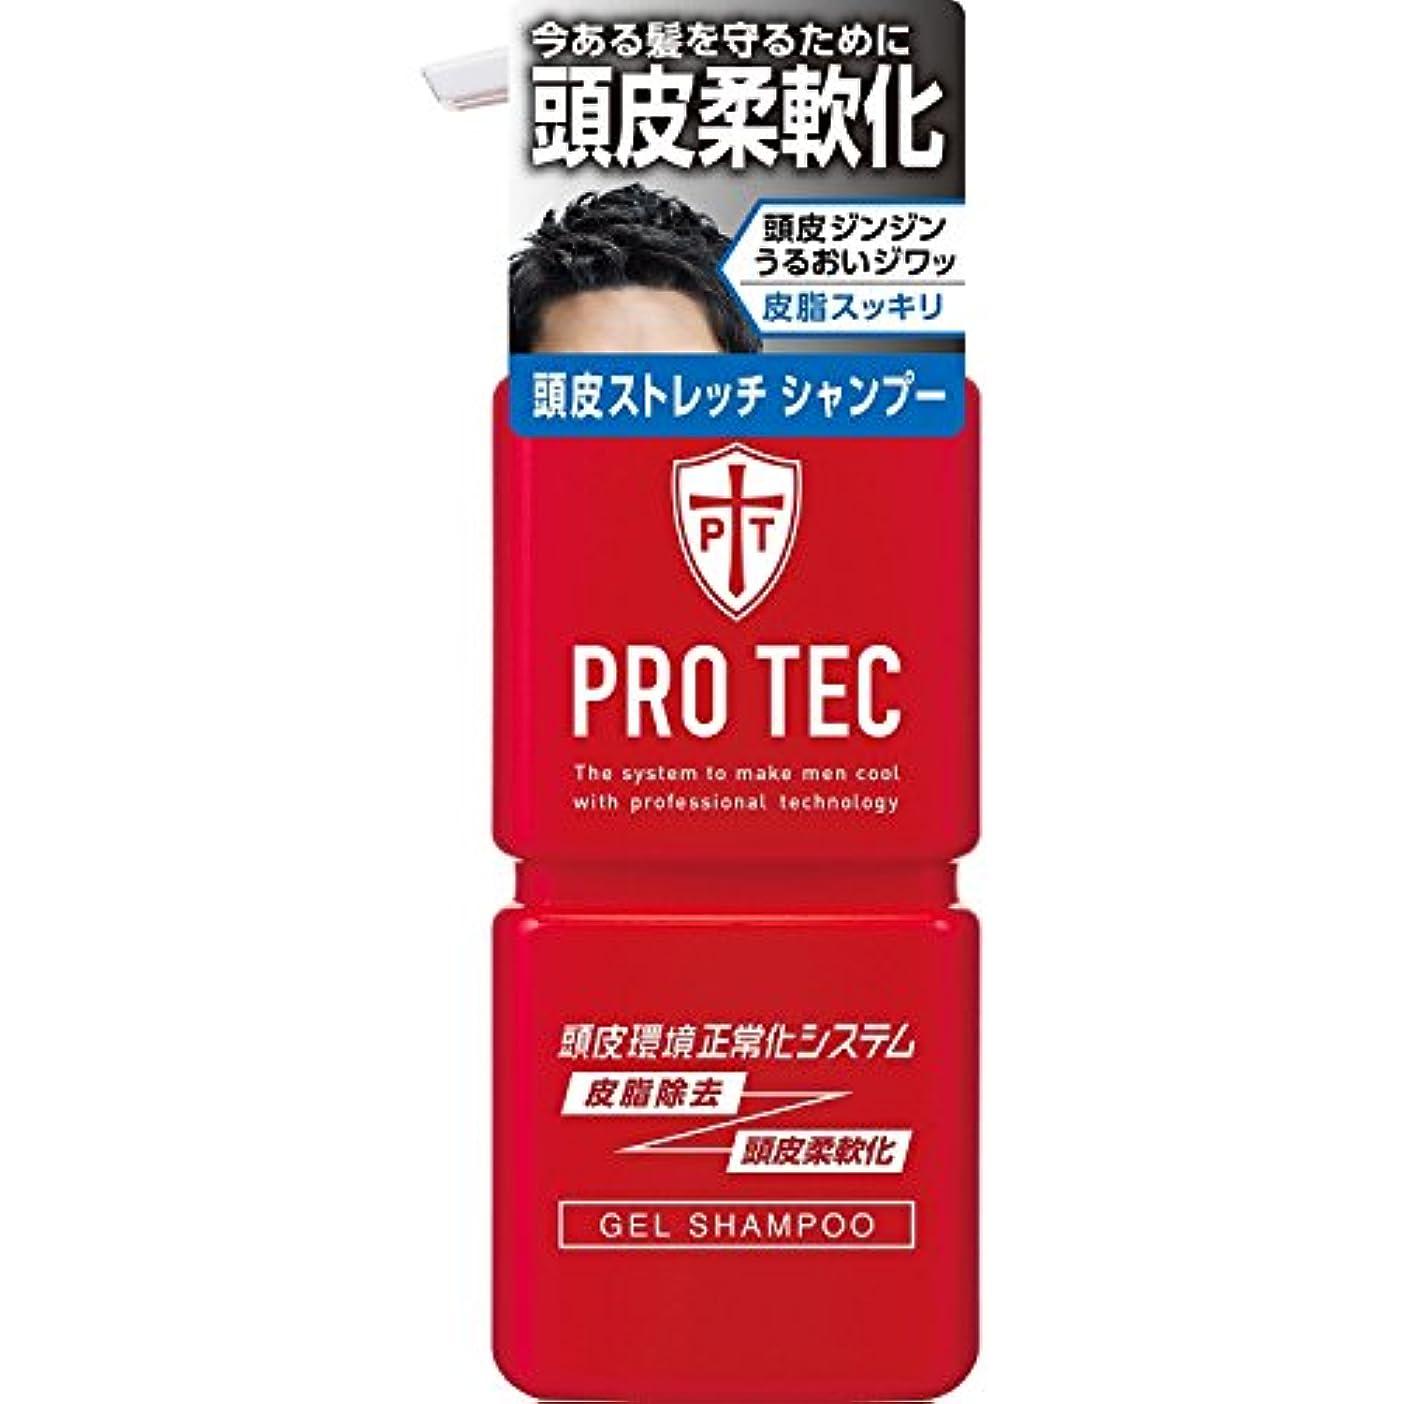 象宴会物思いにふけるPRO TEC(プロテク) 頭皮ストレッチ シャンプー 本体ポンプ 300g(医薬部外品)